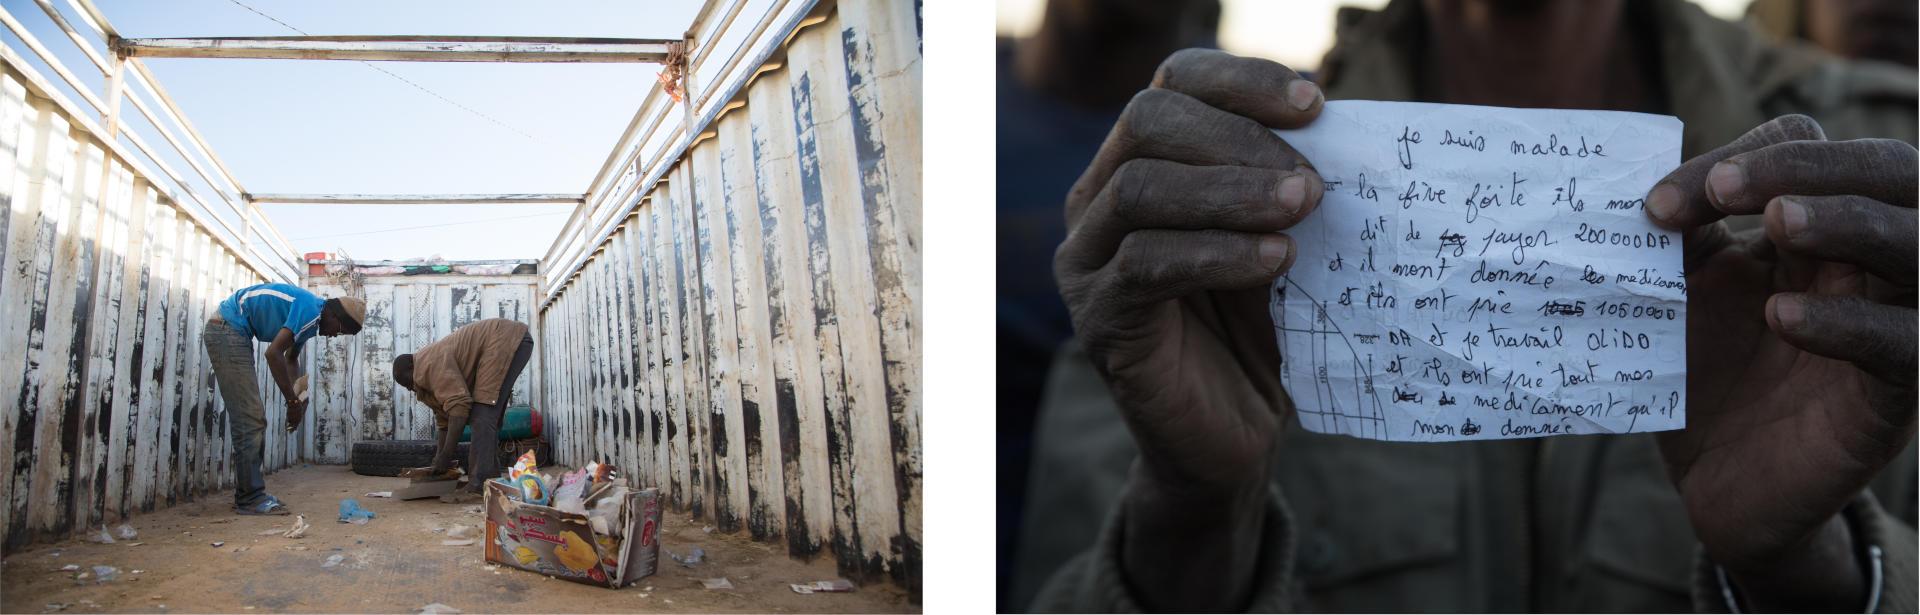 Ils viennent du Mali, du Sénégal, de la Guinée, du Bénin, du Togo et du Nigeria. Chaque semaine, à raison d'un à trois convois, des centaines de migrants sont expulsés d'Algérie. BACHIR POUR LE MONDE